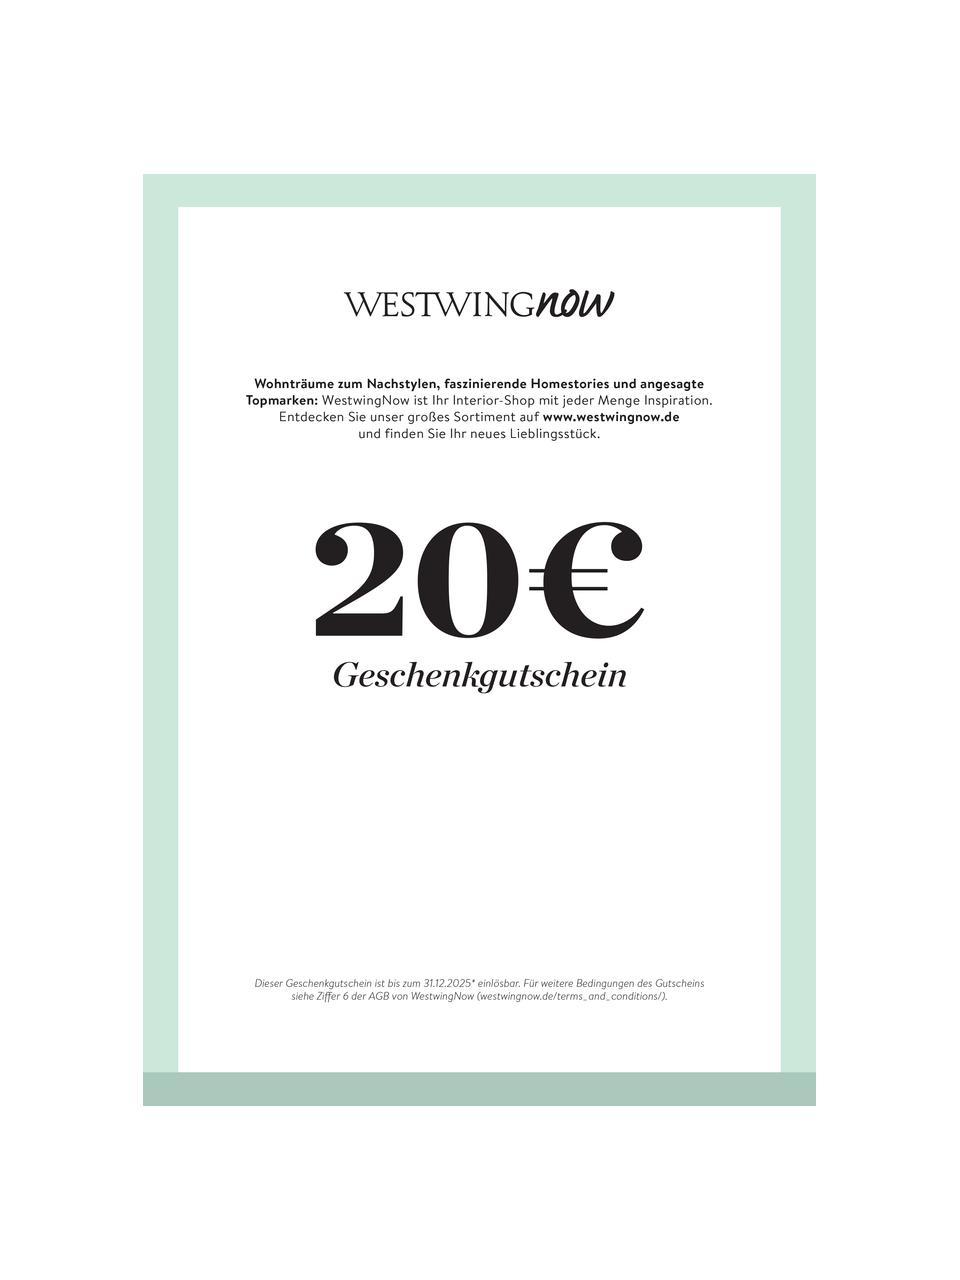 Gutschein zum Ausdrucken, Digitaler Gutschein, nach Zahlungseingang erhalten Sie eine E-Mail mit dem Link zu Ihrem Gutschein. Einfach PDF-Datei abspeichern und ausdrucken., Türkis, 20